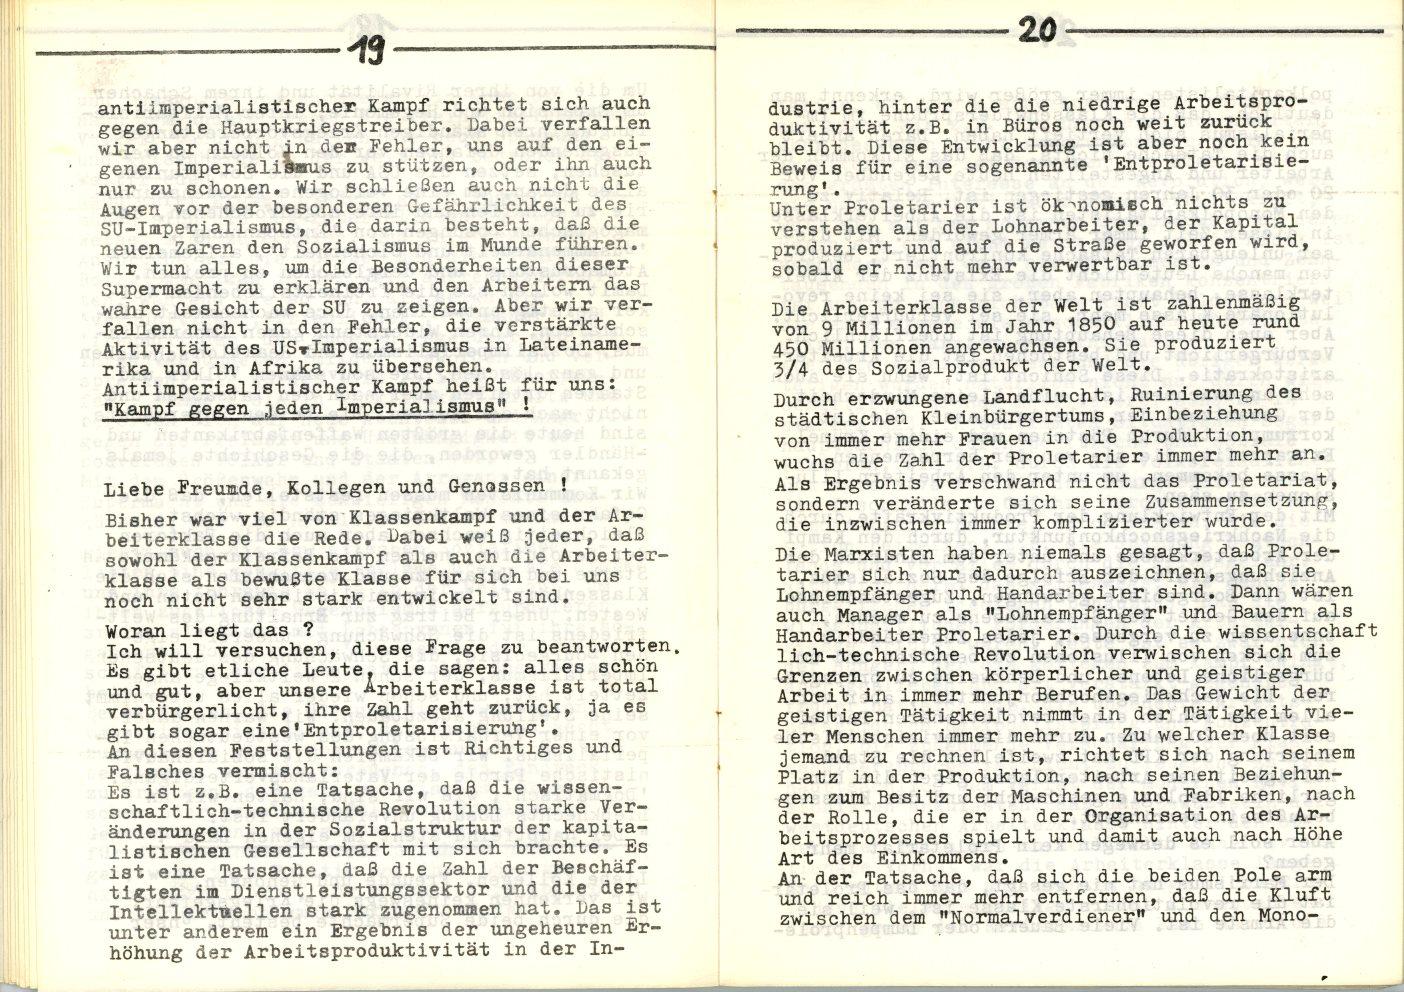 Frankfurt_KABD_zum_Ersten_Mai_1976_11